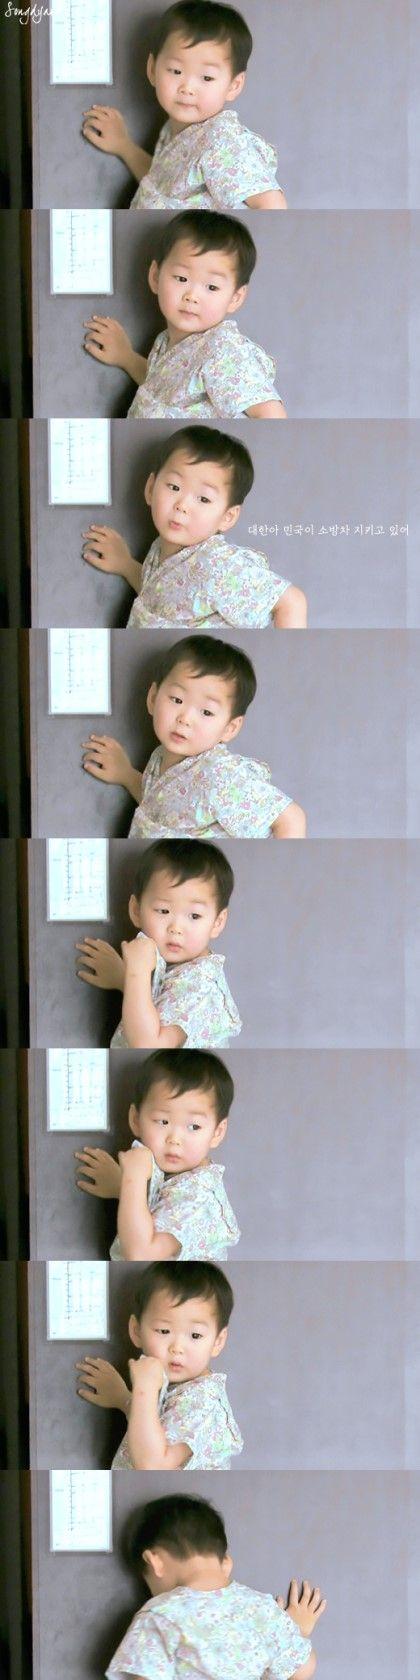 Mingukie^_^